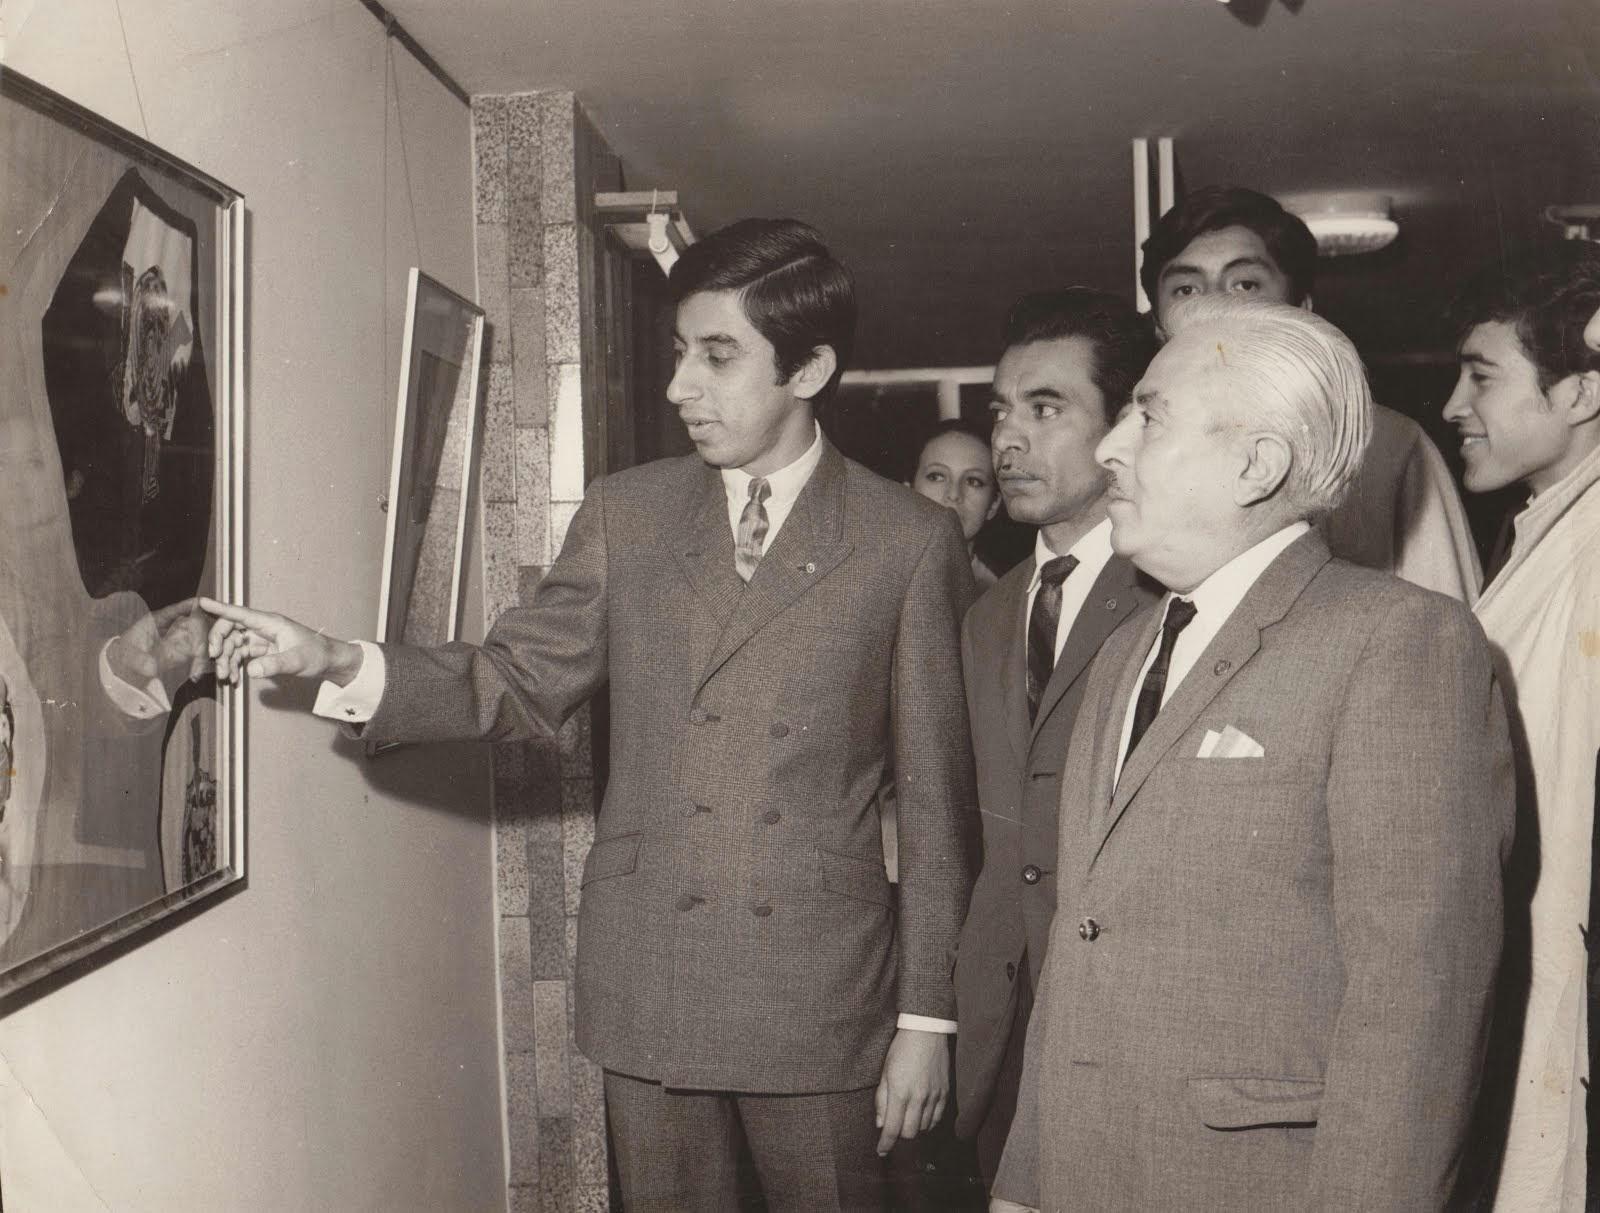 EXPOSICION EN EL AÑO 68...